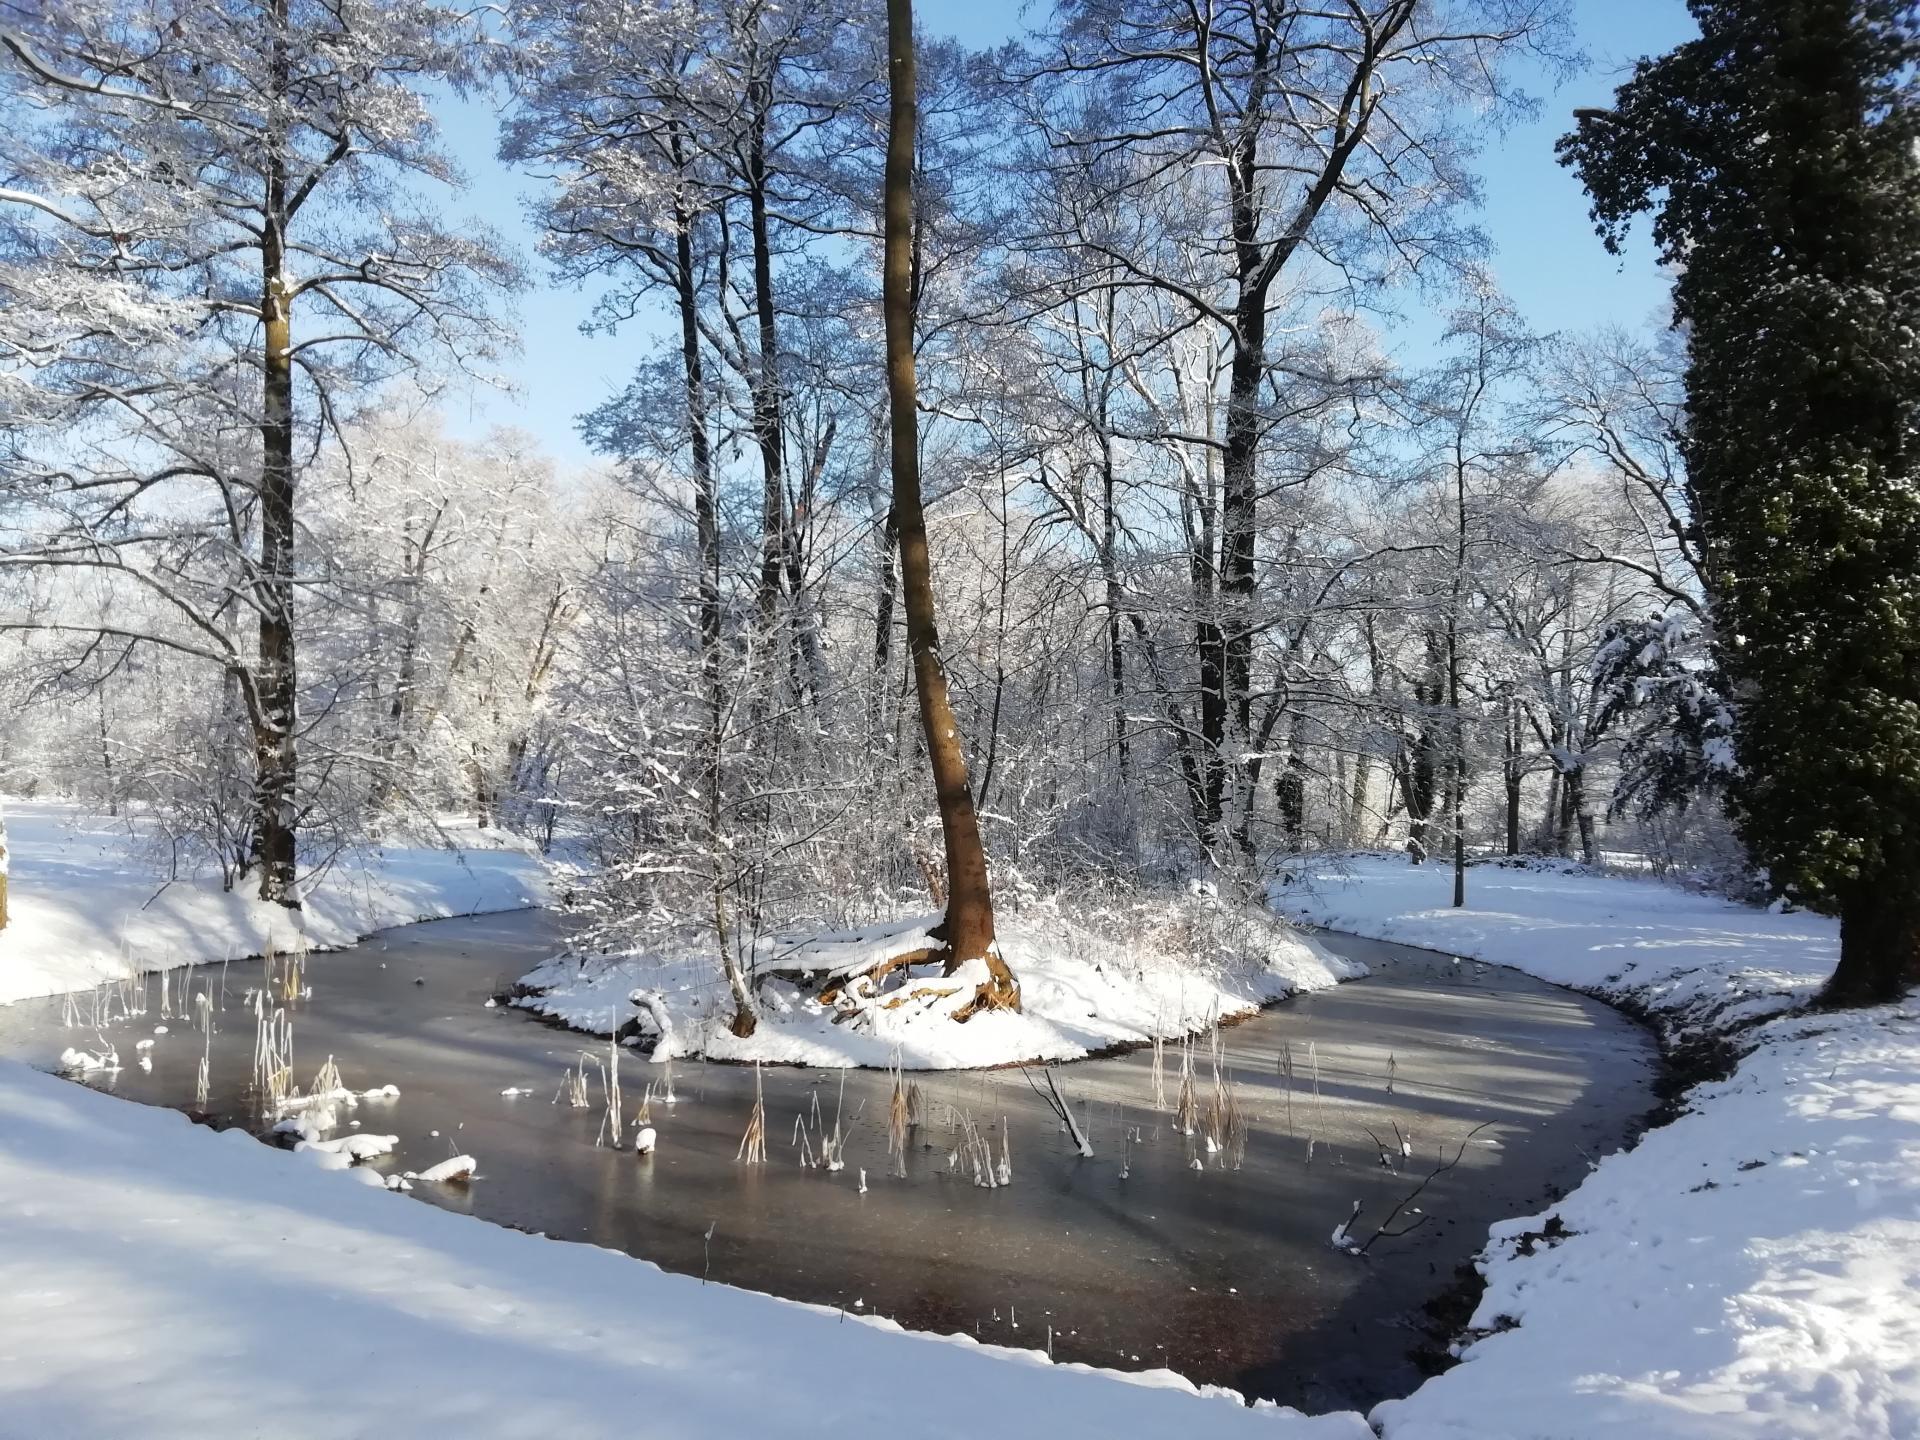 am Teich - der Park wurde im Jahr 1883 nach Plänen von Peter Josef Lenne`angelegt. Er lädt zu jeder Jahreszeit zu einem ausgedehnten Spaziergang ein. Die Fläche beträgt mehr als 20 ha.